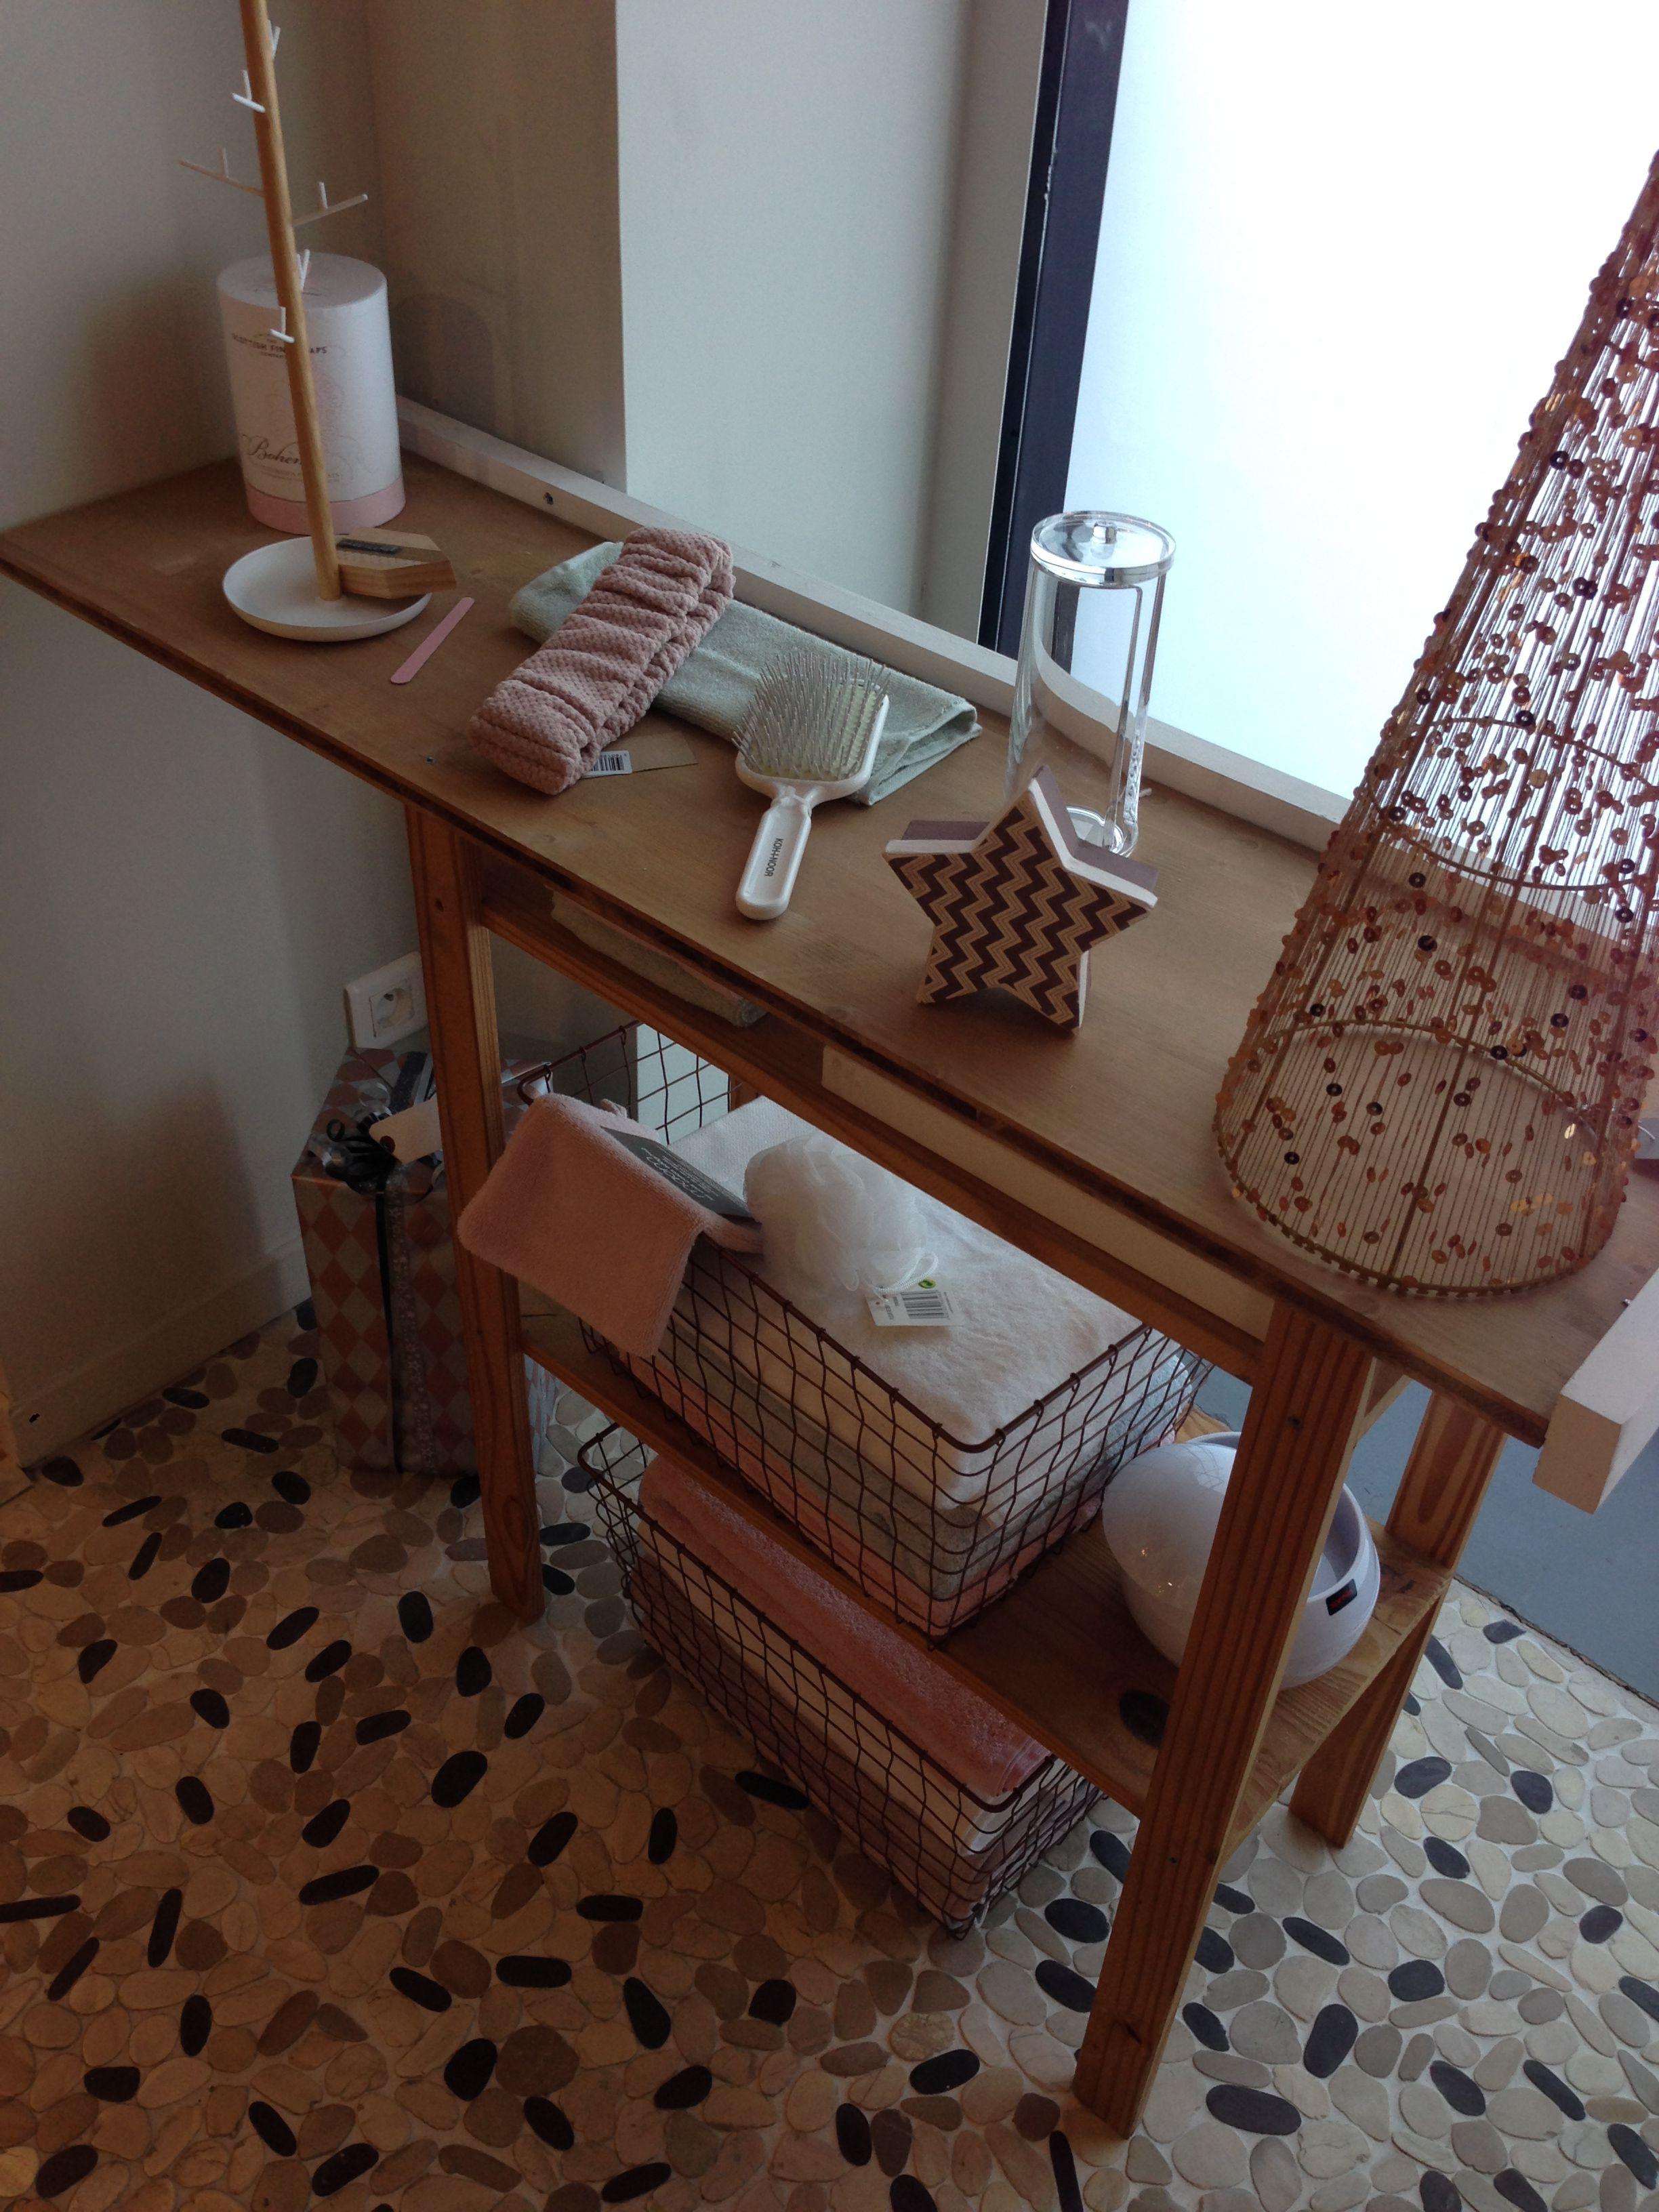 La Salle De Bain Theme Nordique Zodio Bordeaux Avec Images Zodio Bordeaux Zodio Style Scandinave